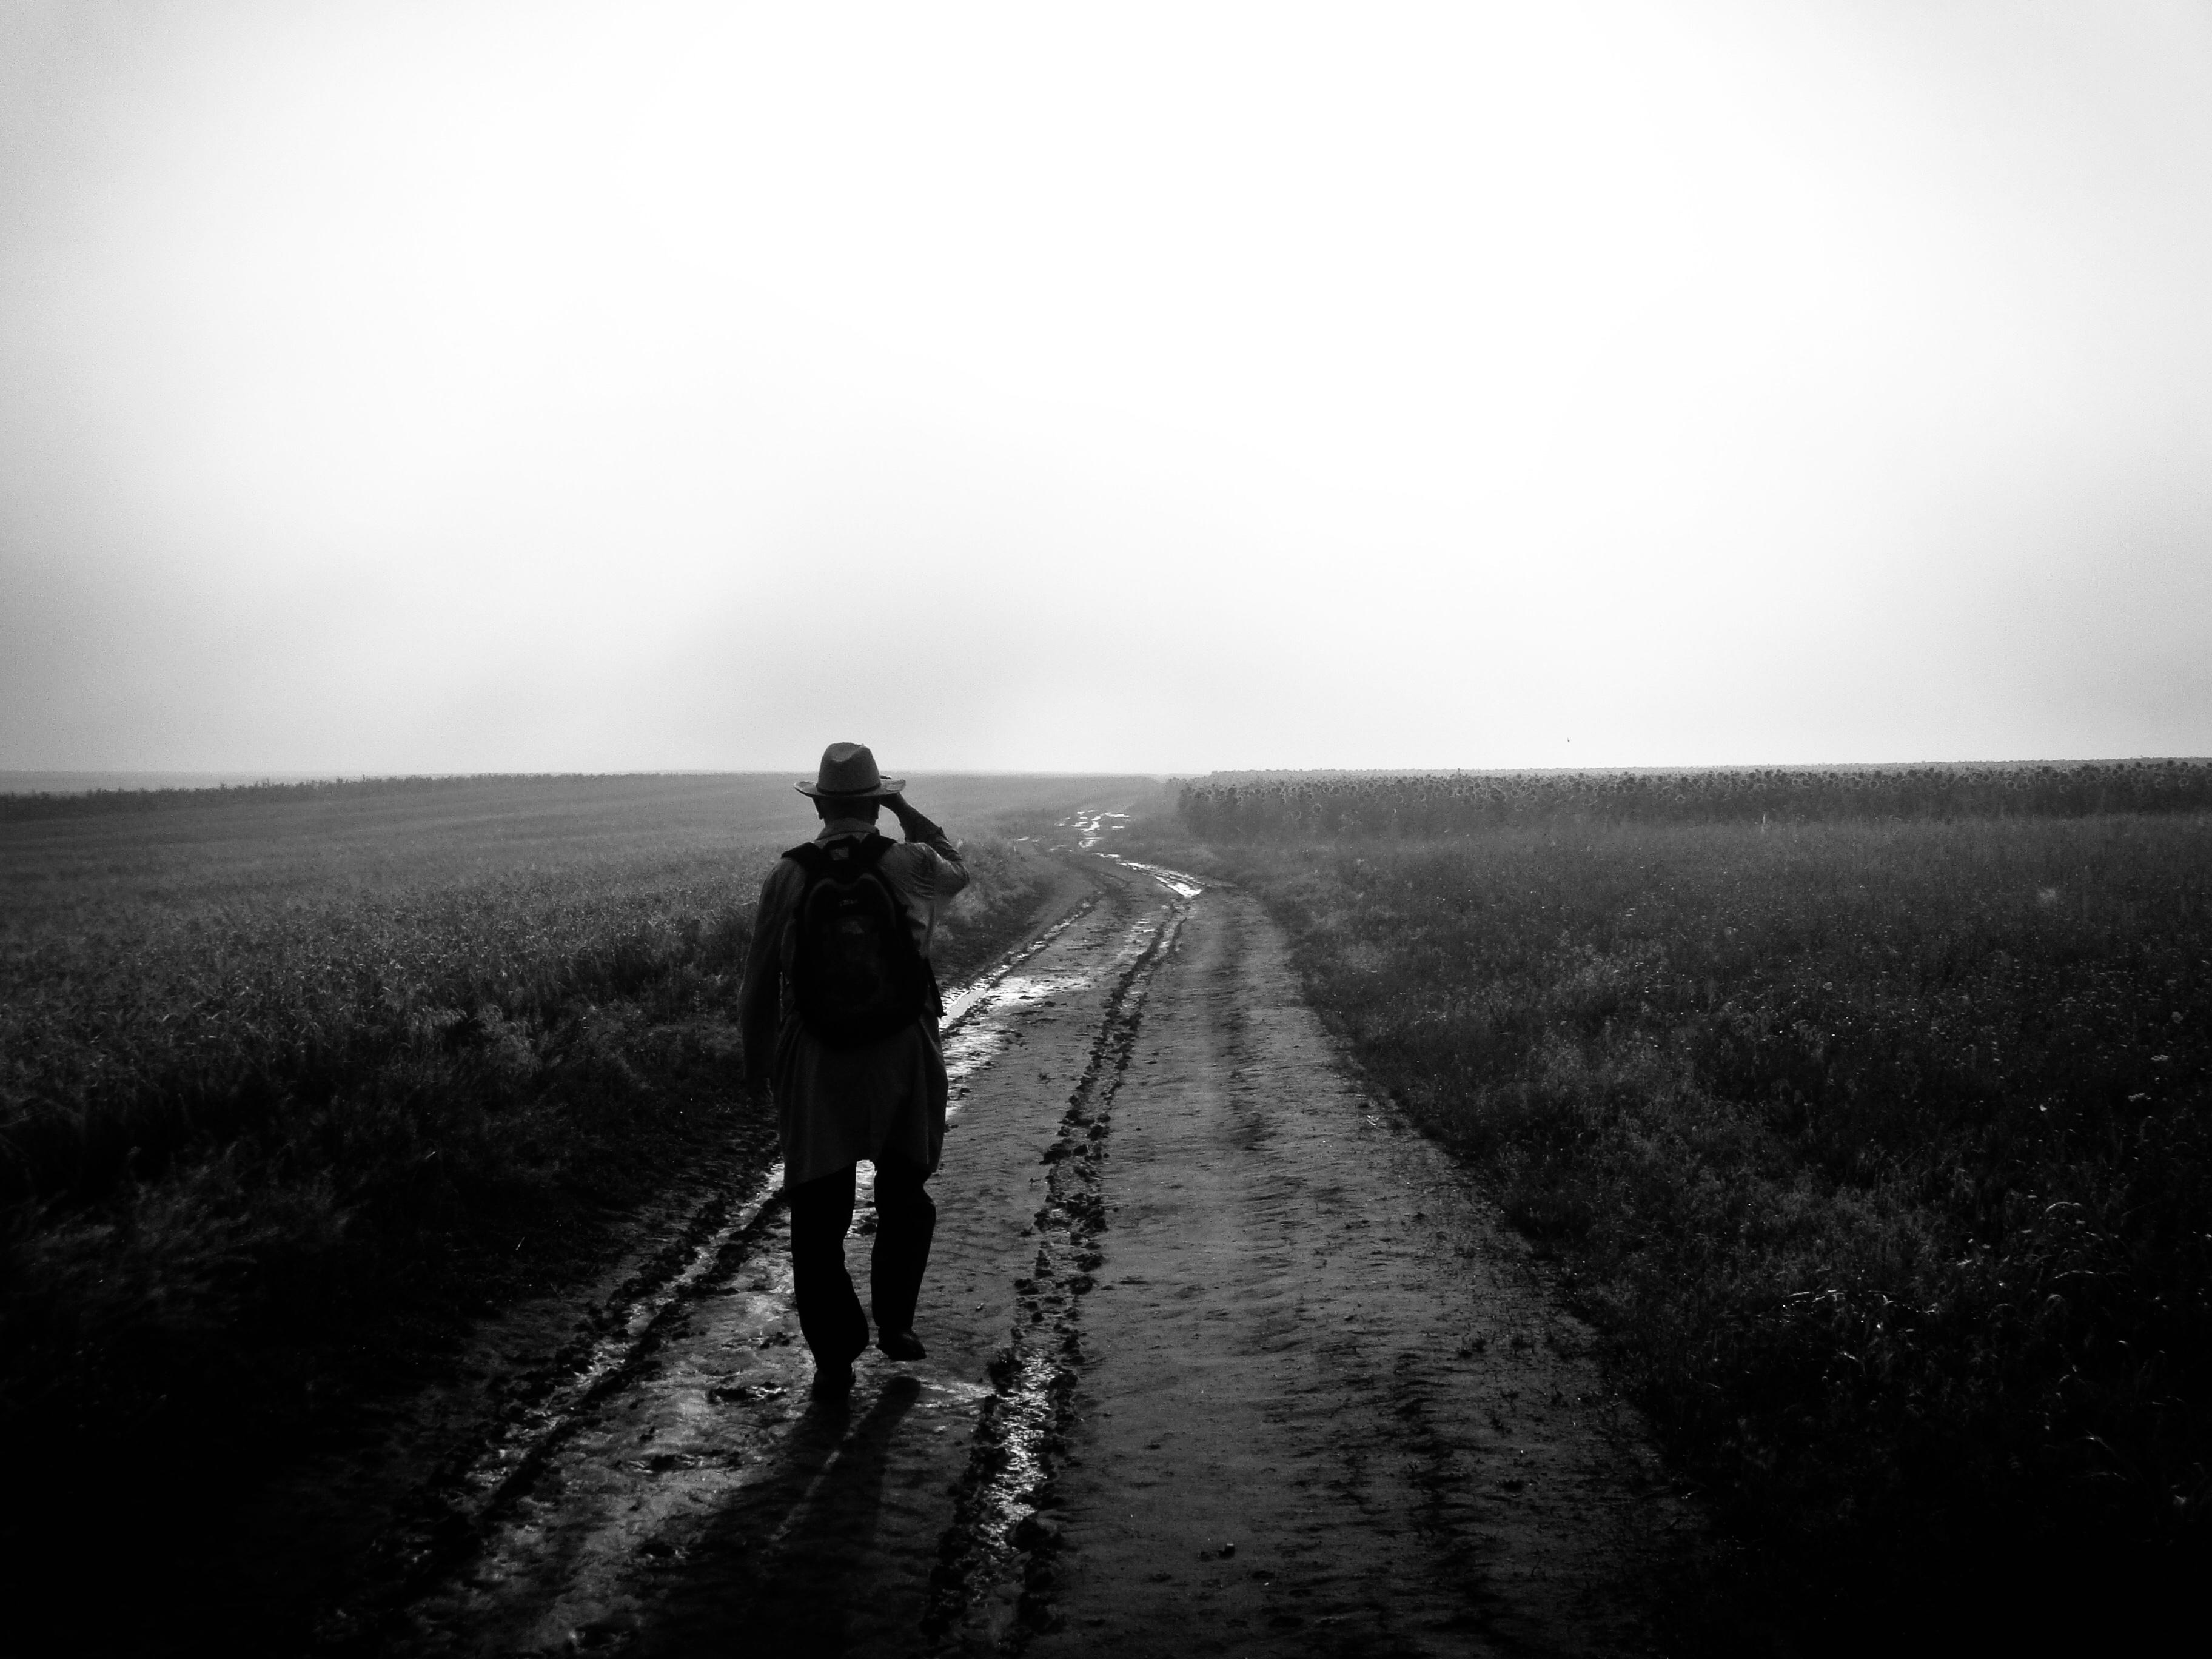 man walking in rice field